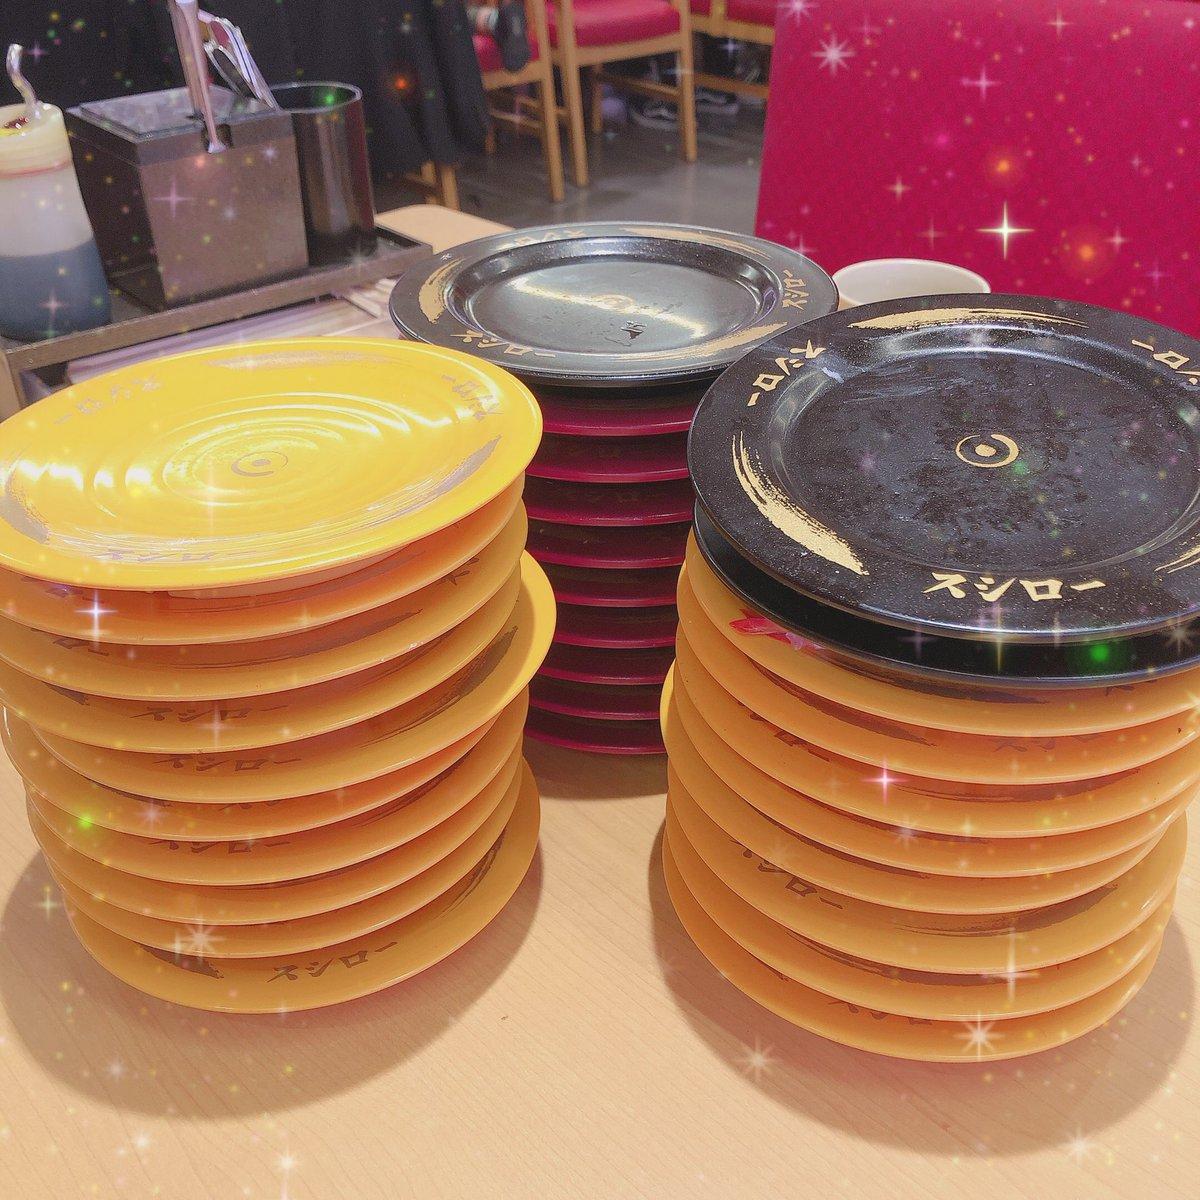 今日はお寿司30皿完食したよん✨💗💗美味しかった(*∩´꒳`∩*)♡ 幸せめろ💕💕💕💕